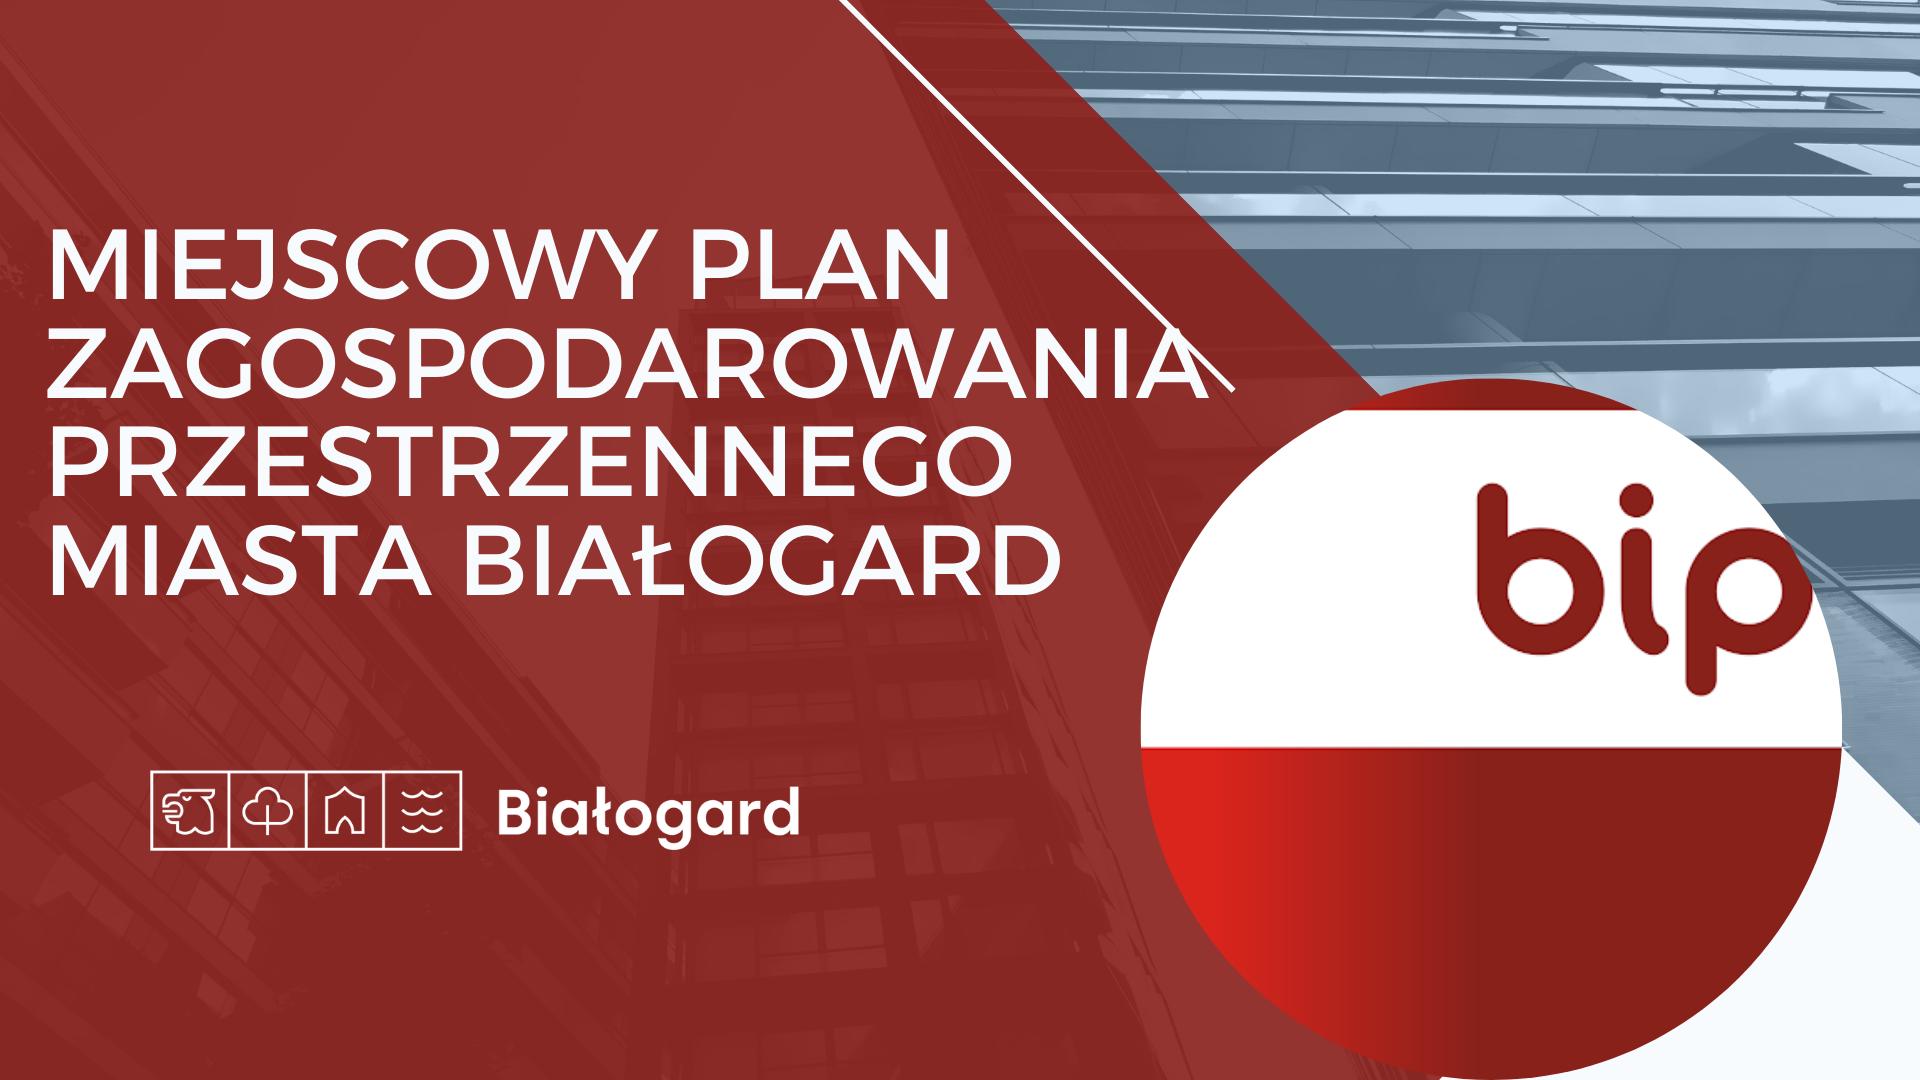 Miejscowy plan zagospodarowania przestrzennego na BIPie., Miasto Białogard